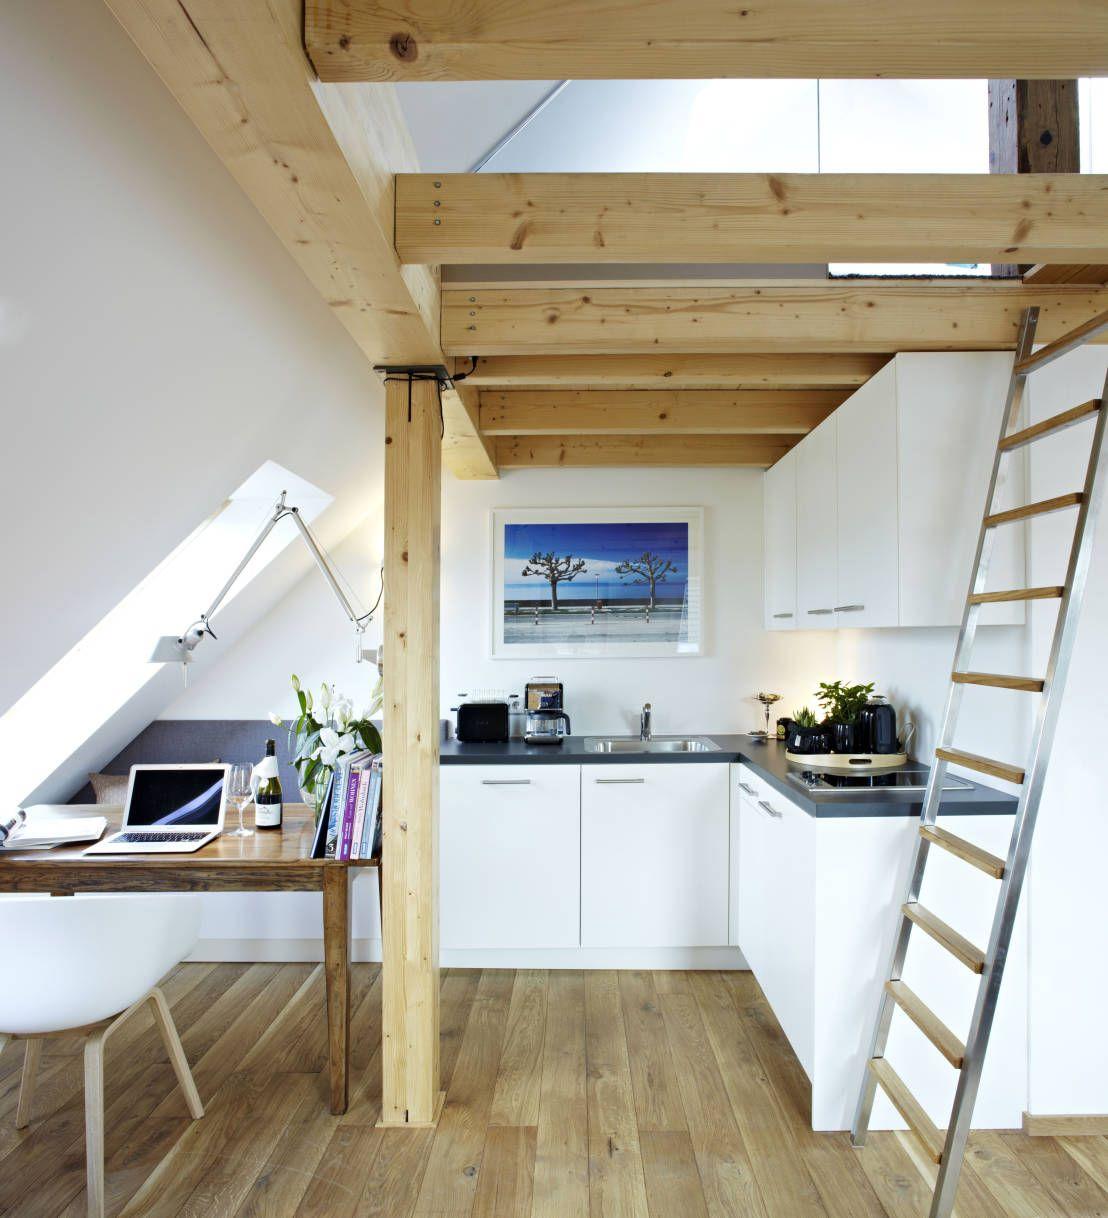 eine ferienwohnung unter dem dach stadthaus dachboden und ausblick. Black Bedroom Furniture Sets. Home Design Ideas